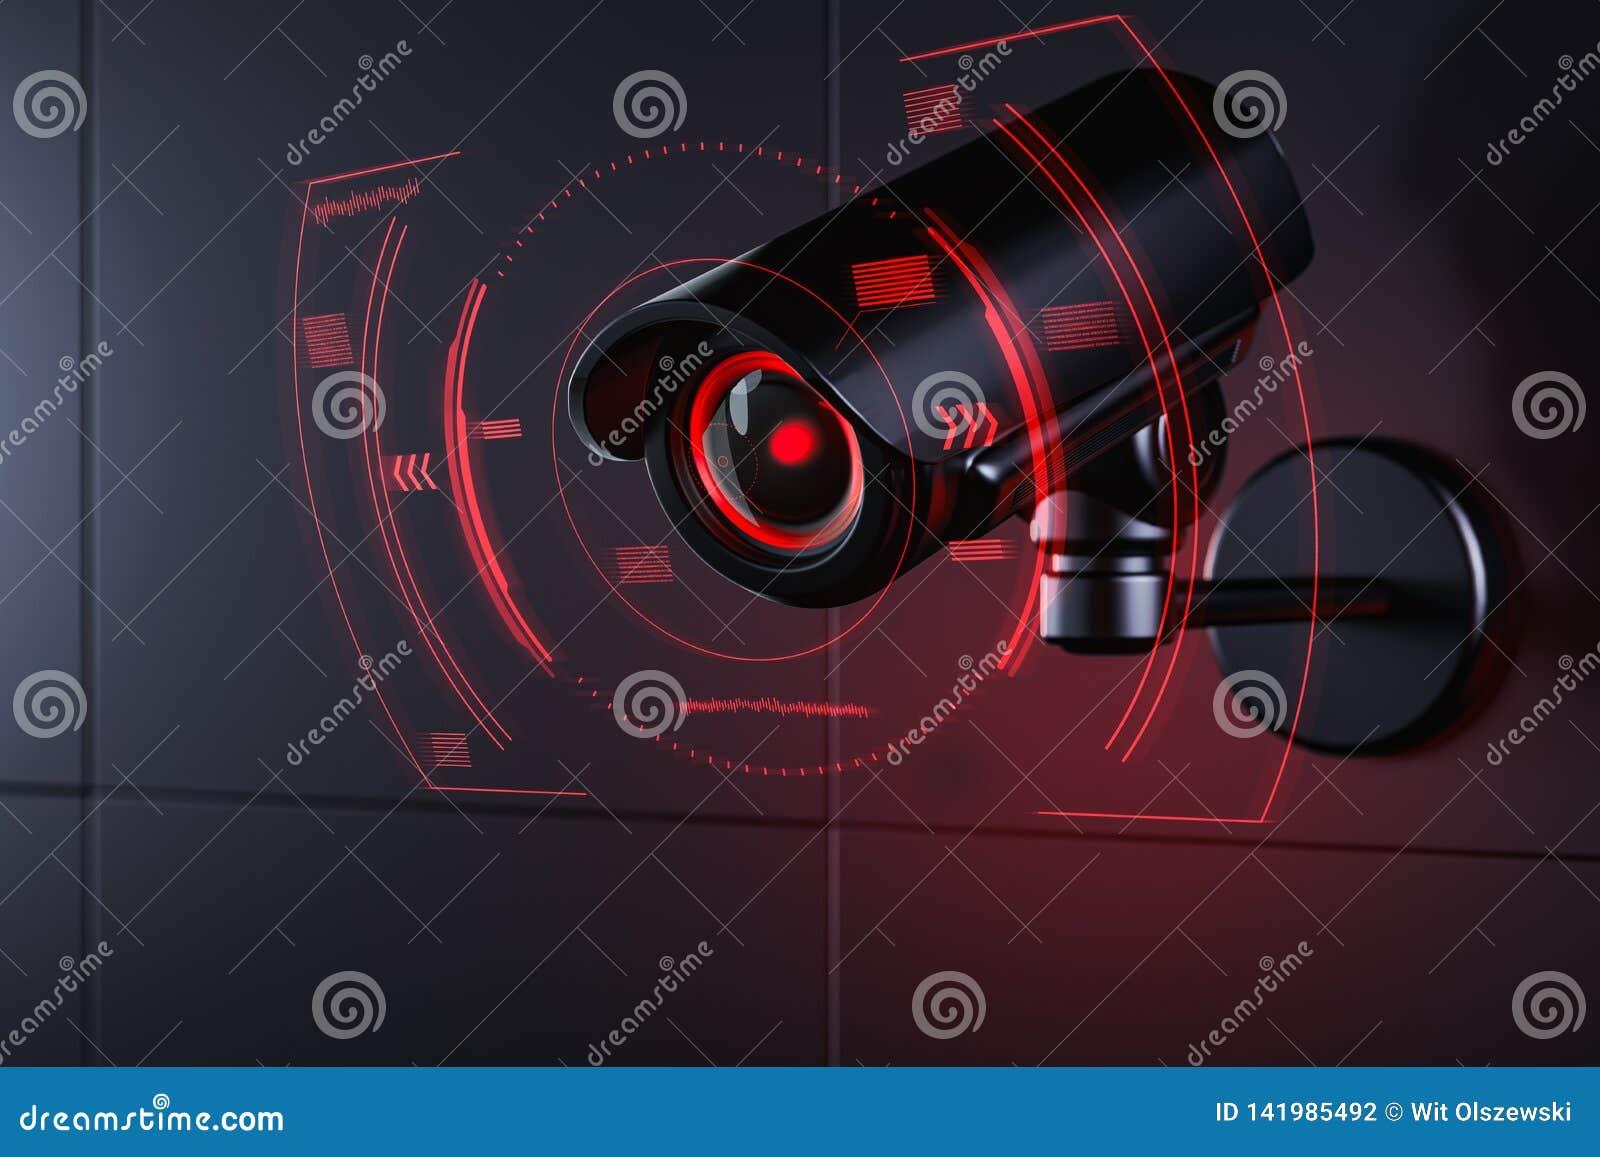 Το CCTV ελέγχει τις πληροφορίες για τον πολίτη στο σύστημα ασφαλείας επιτήρησης, κοινωνική έννοια πιστωτικών συστημάτων r